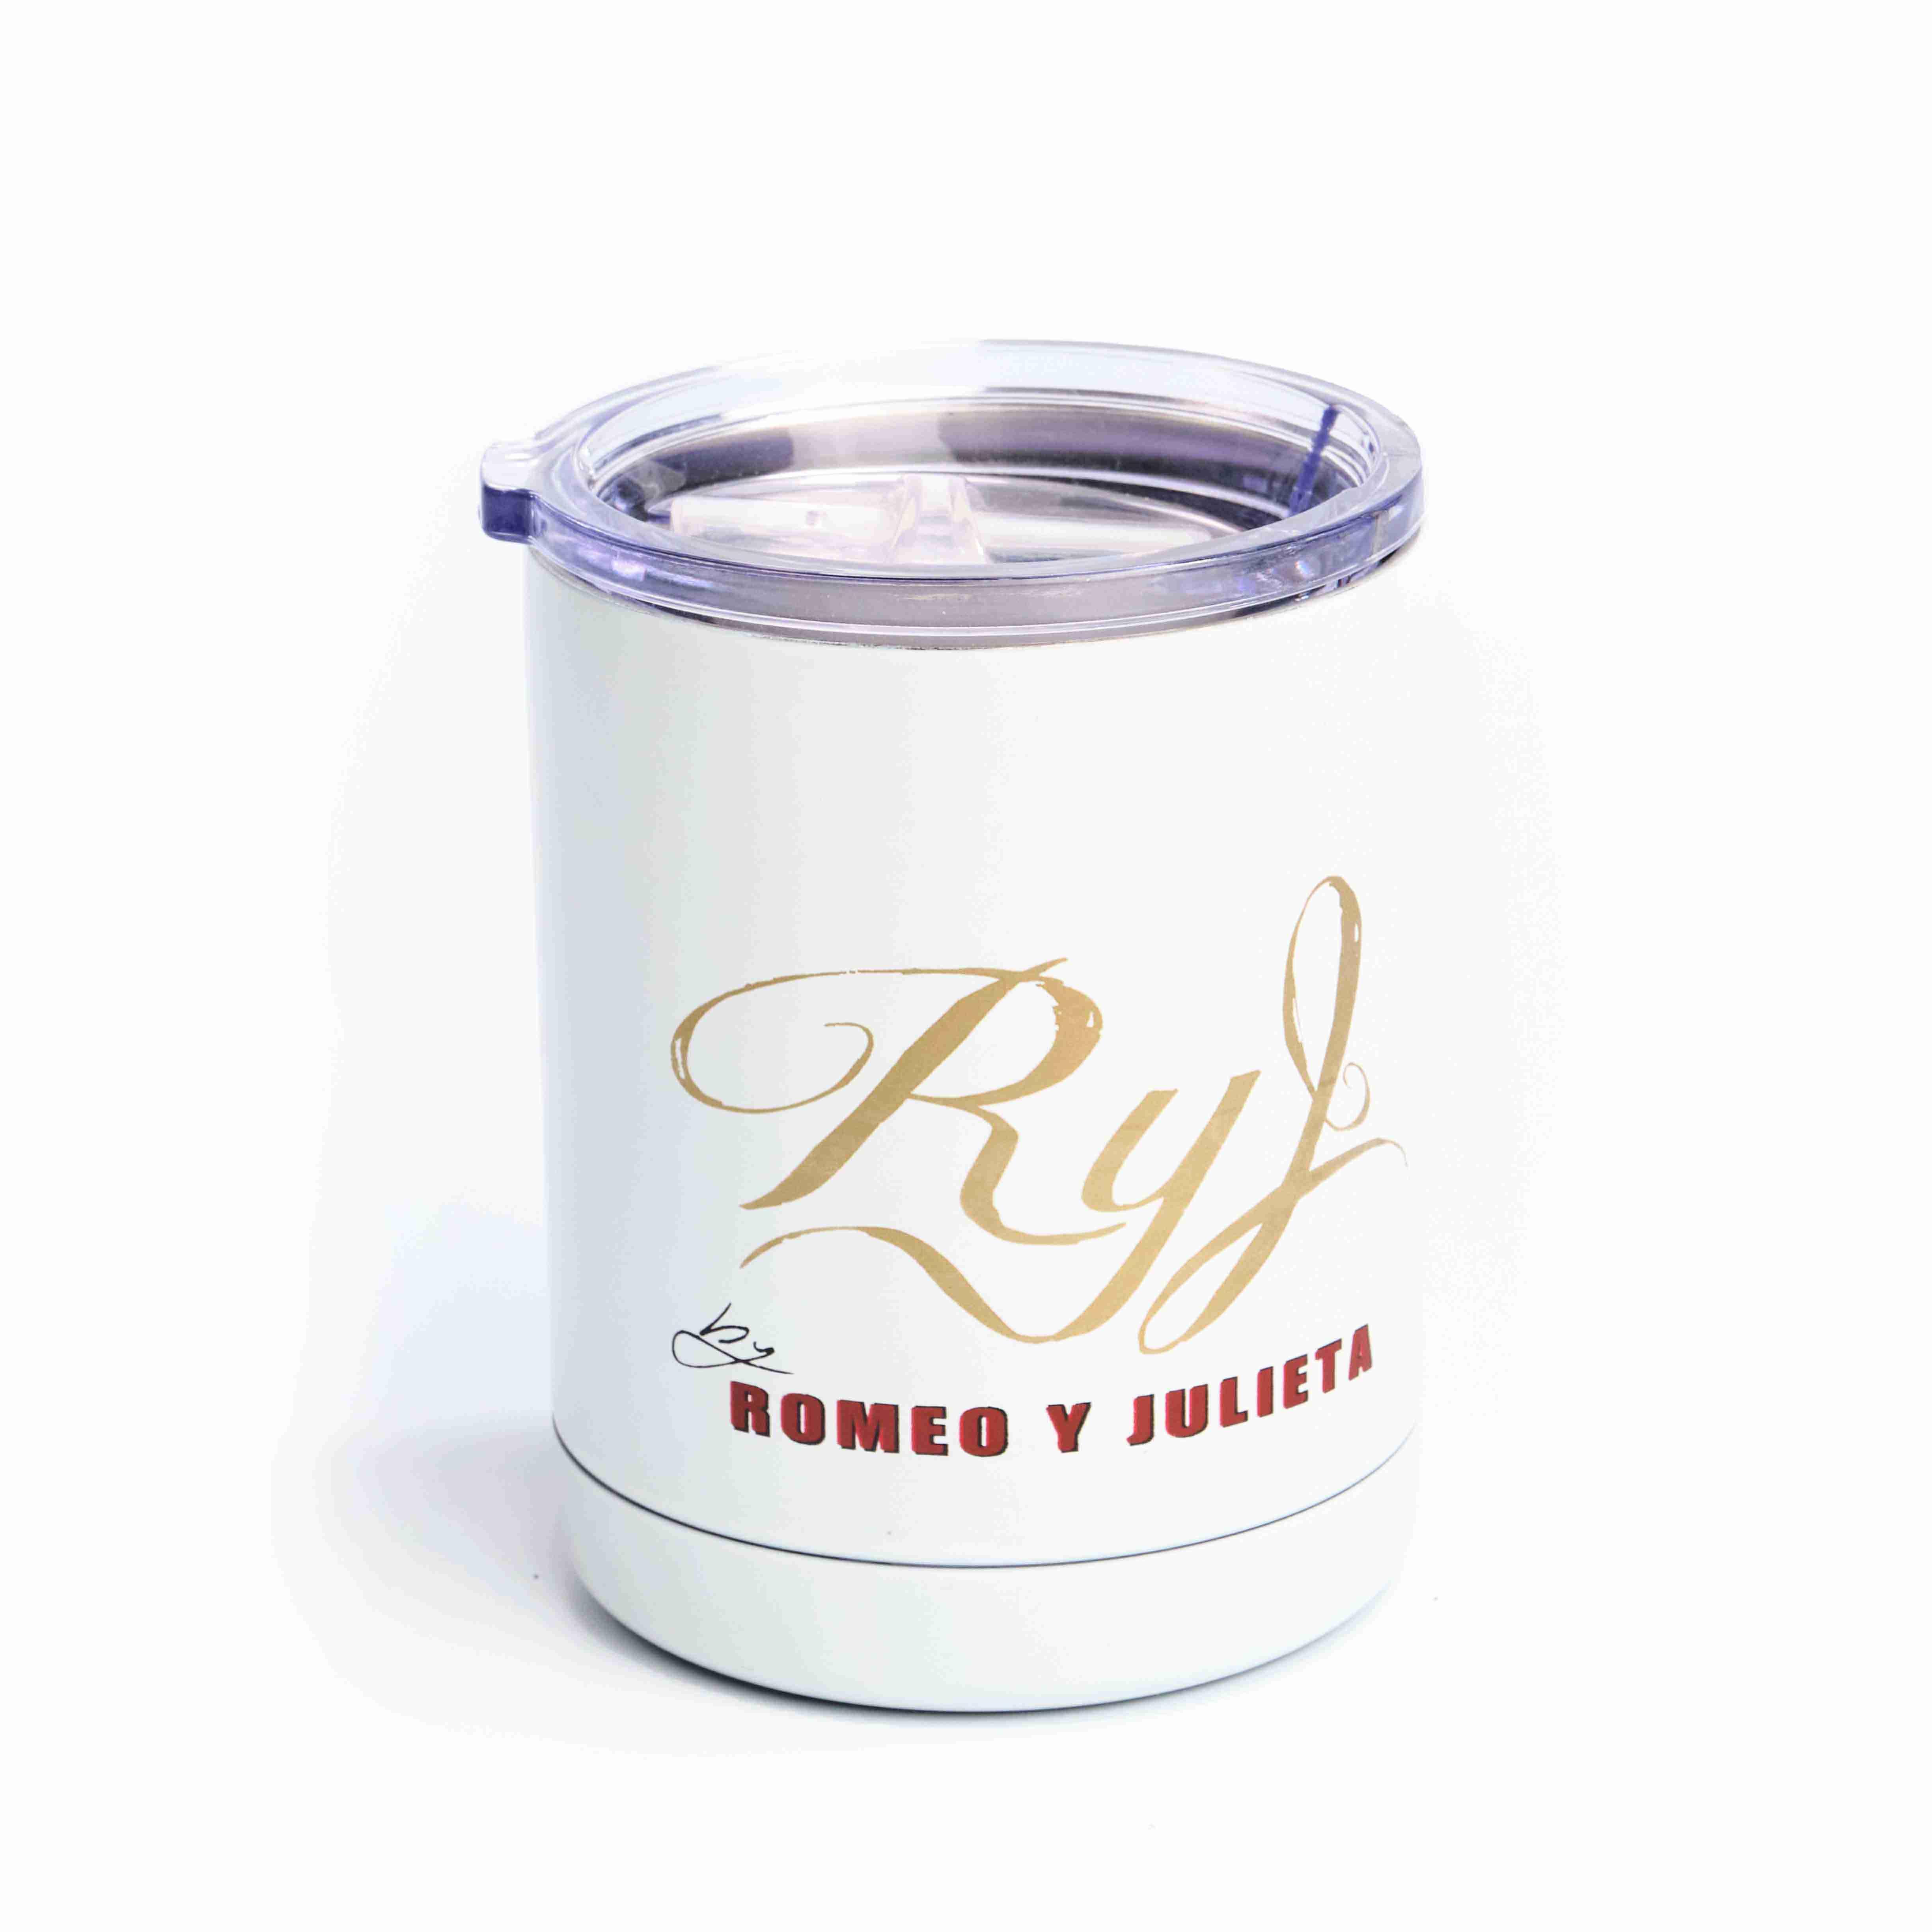 Romeo y Julieta Travel Mug